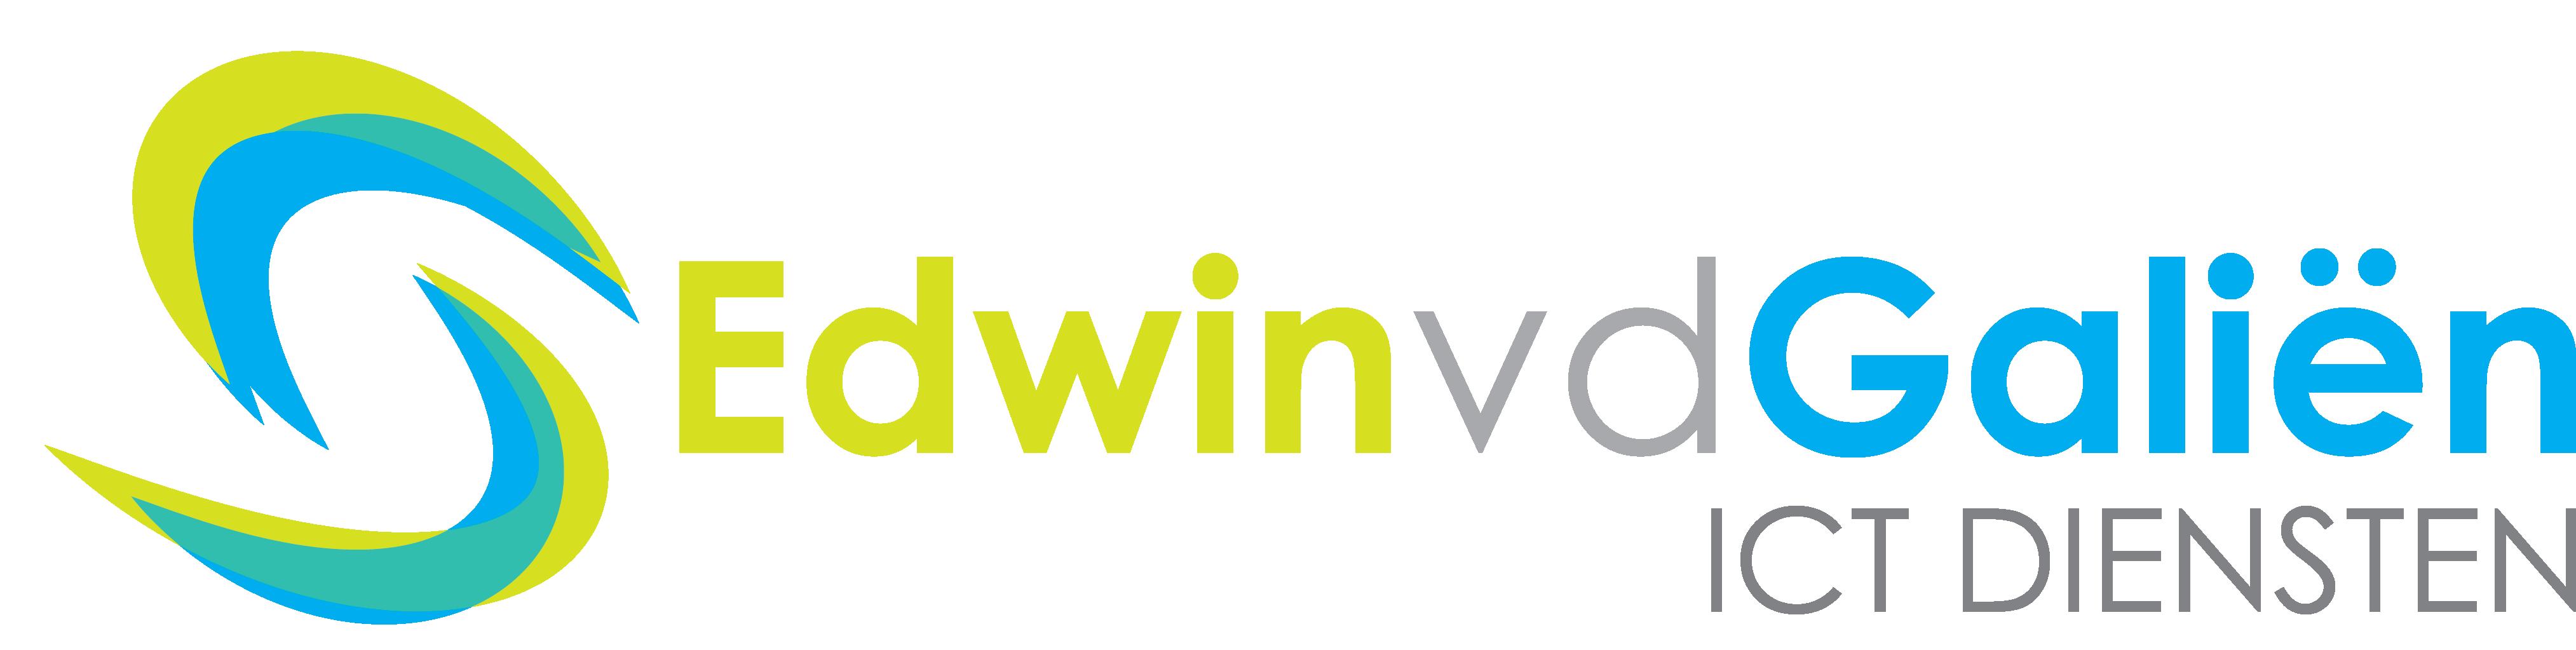 evdg webdesign logo 1